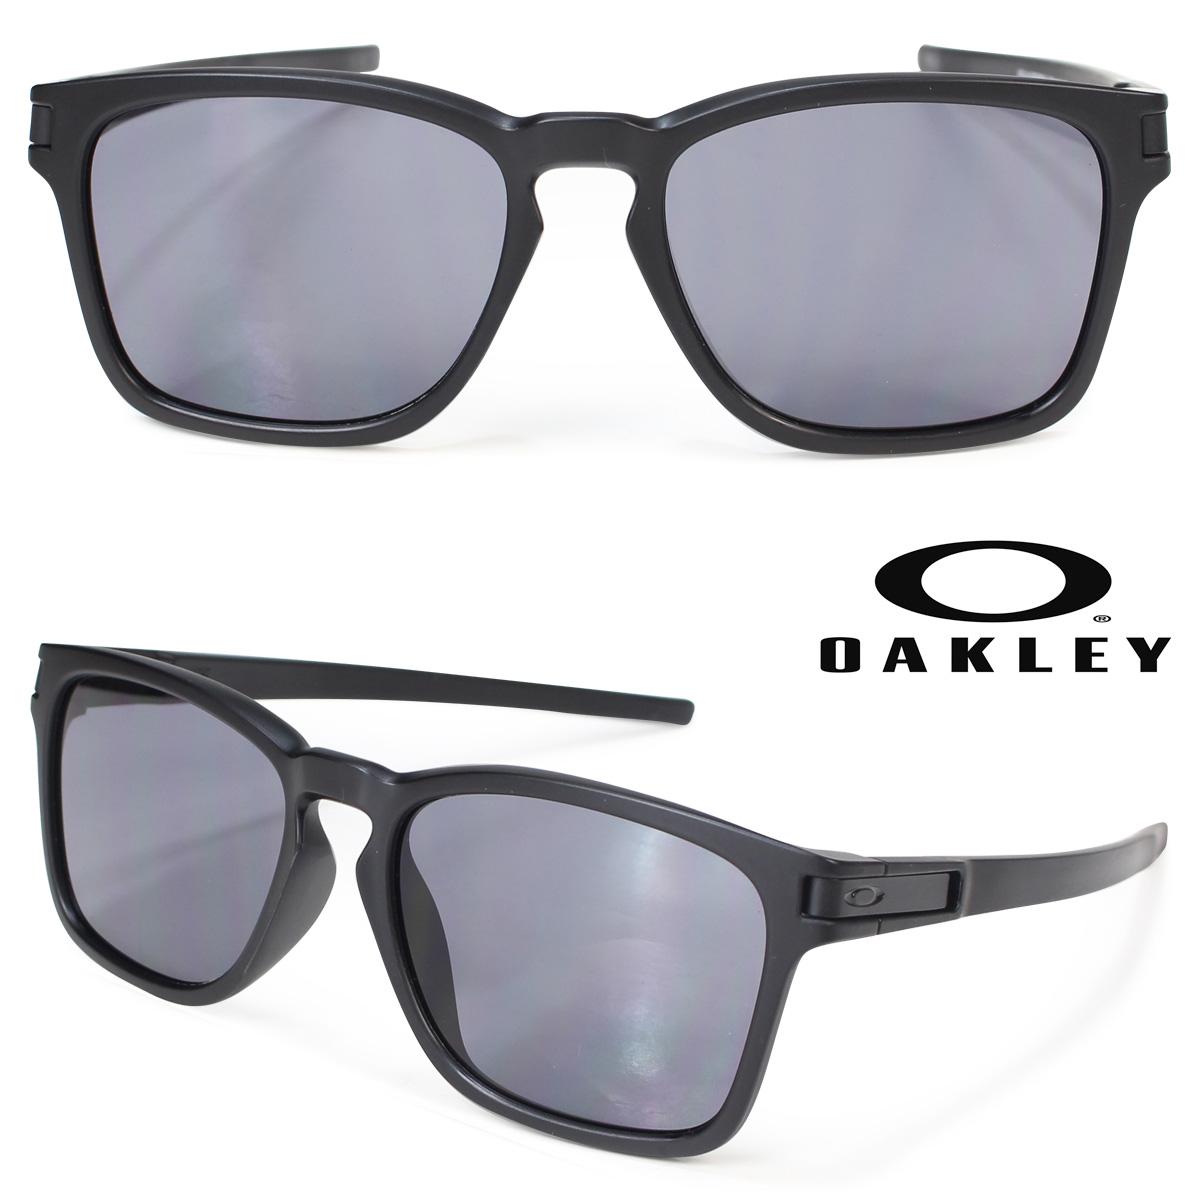 033e371b15 All Black Oakley Goggles « One More Soul